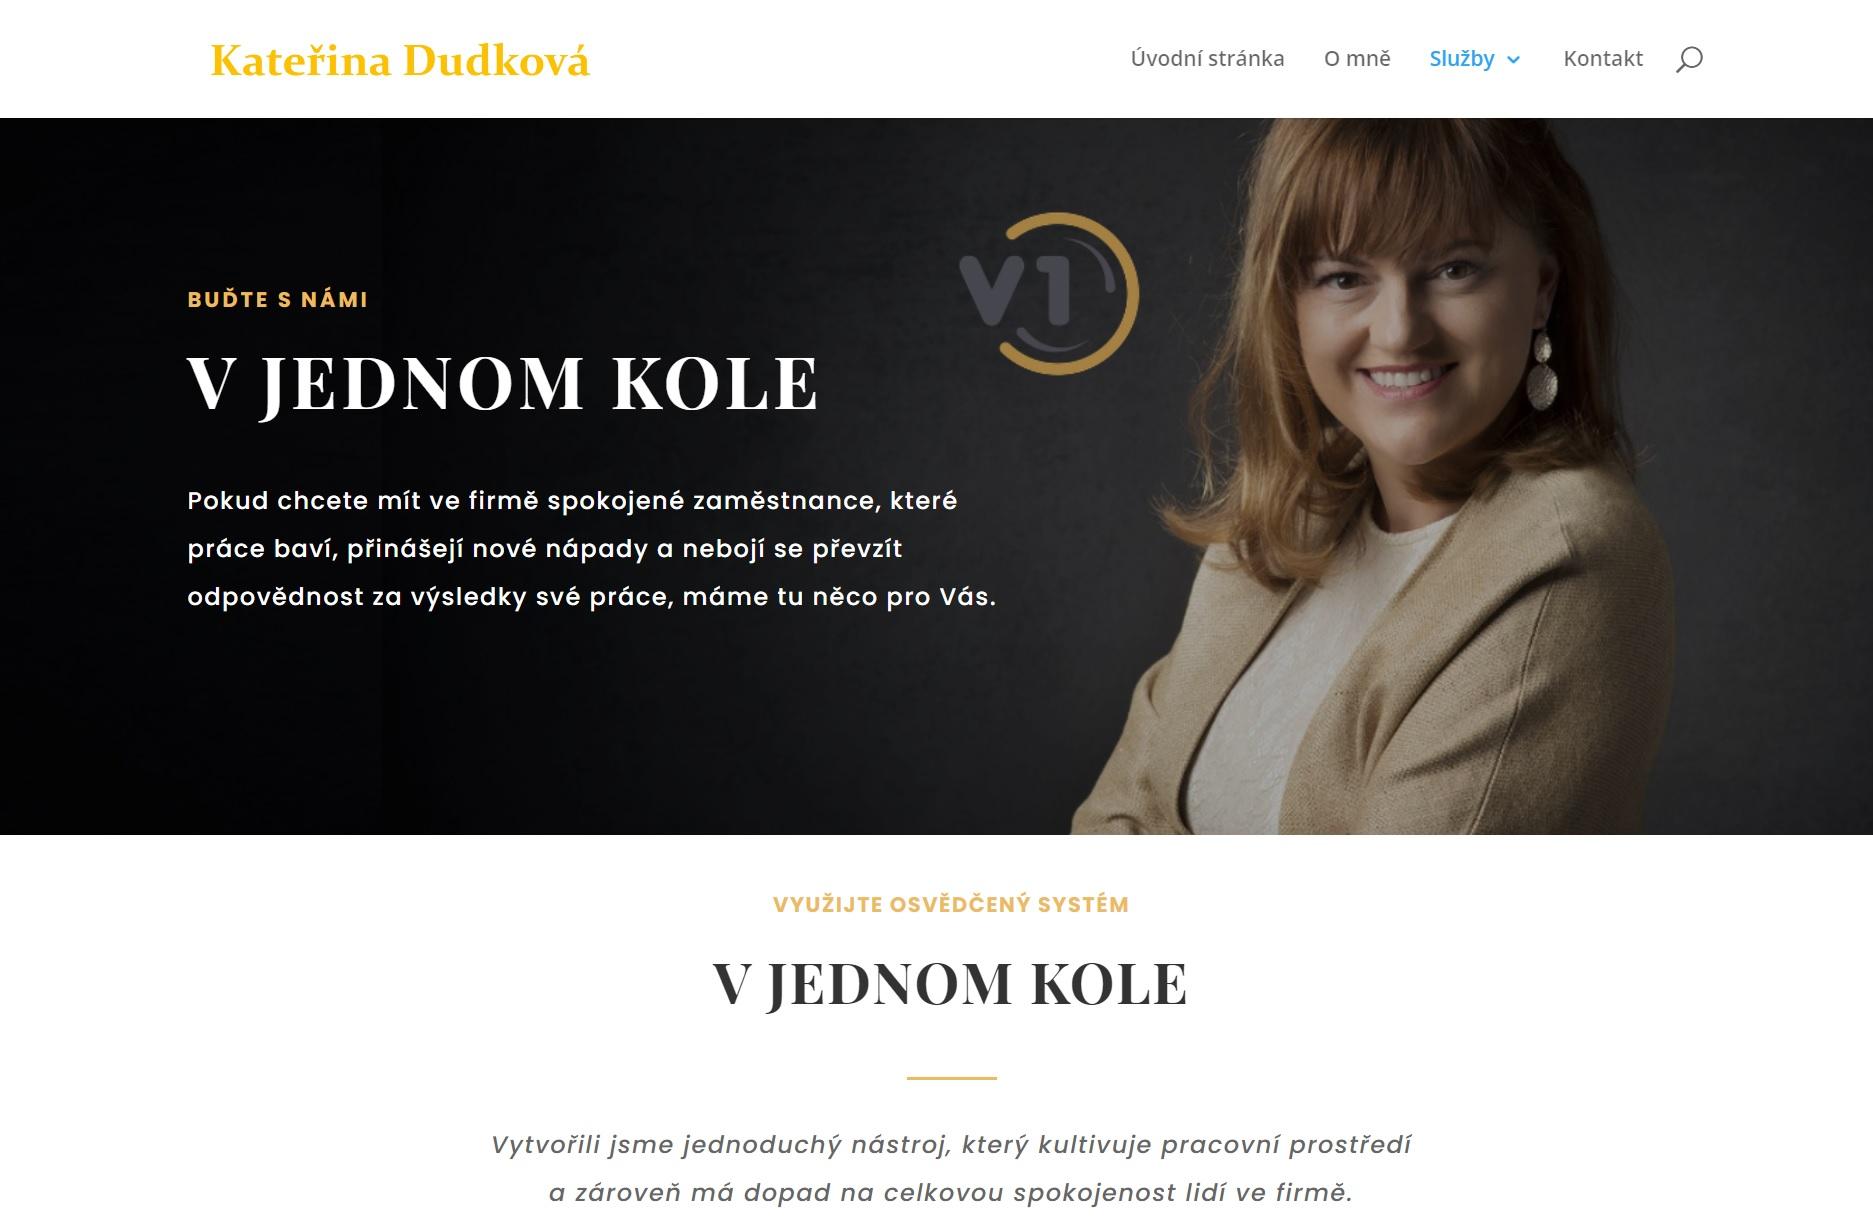 helispro.cz, naseprace, tvorba webu, marketing, komunikace, strategie